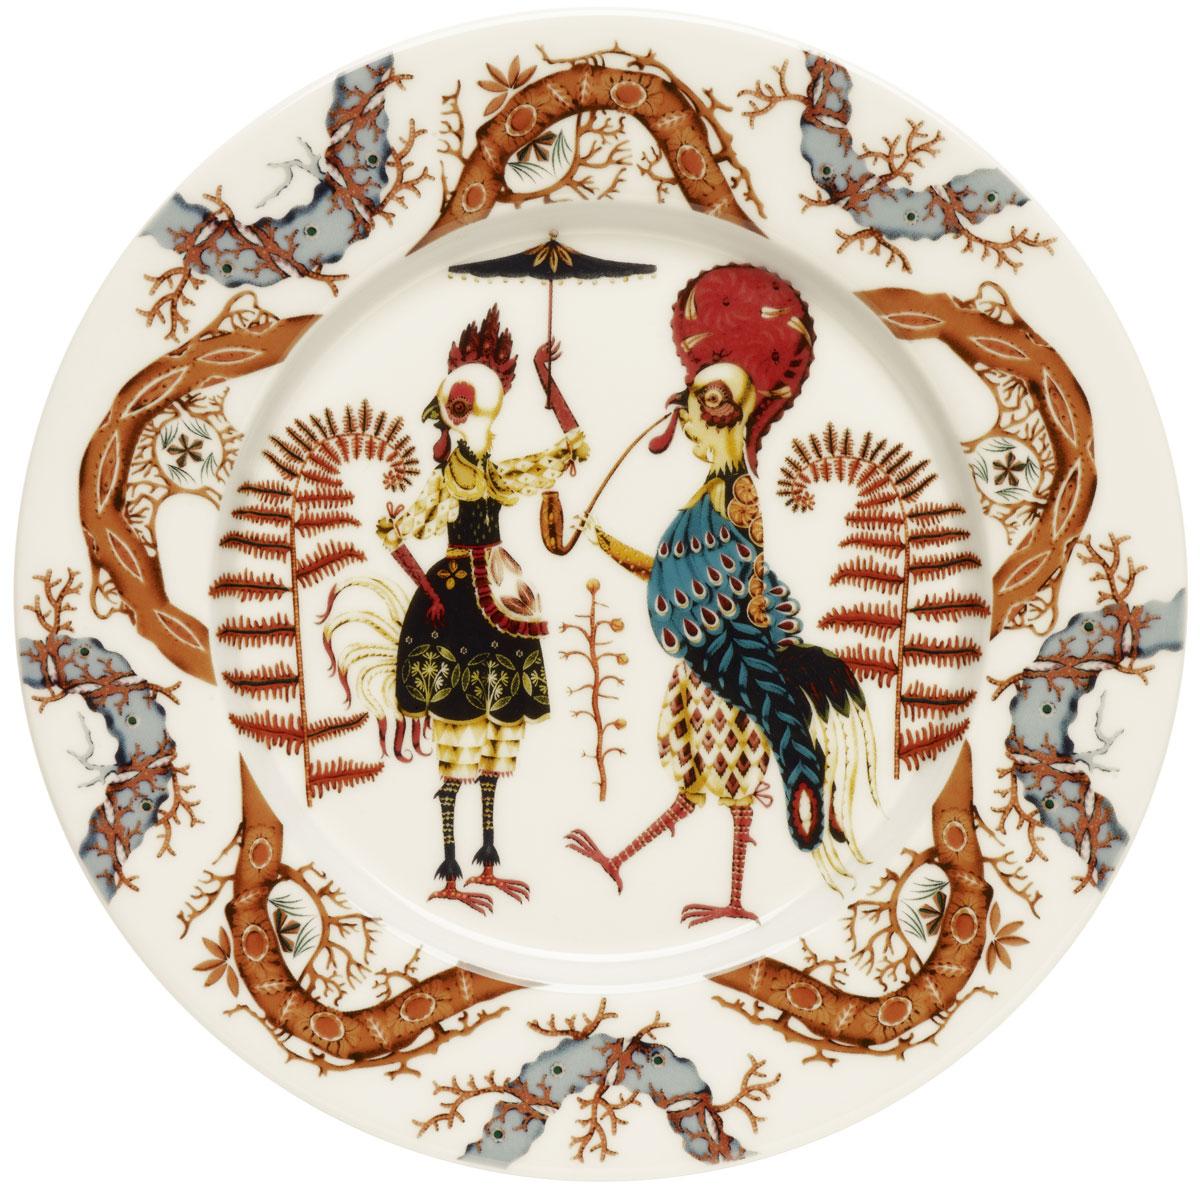 Тарелка Iittala Tanssi, диаметр 22 см1015529Тарелка Iittala Taika выполнена из качественного жароустойчивого прочного фарфора с долговечным стекловидным эмалевым покрытием.Идеально подойдет для сервировки стола и станет отличным подарком к любому празднику.